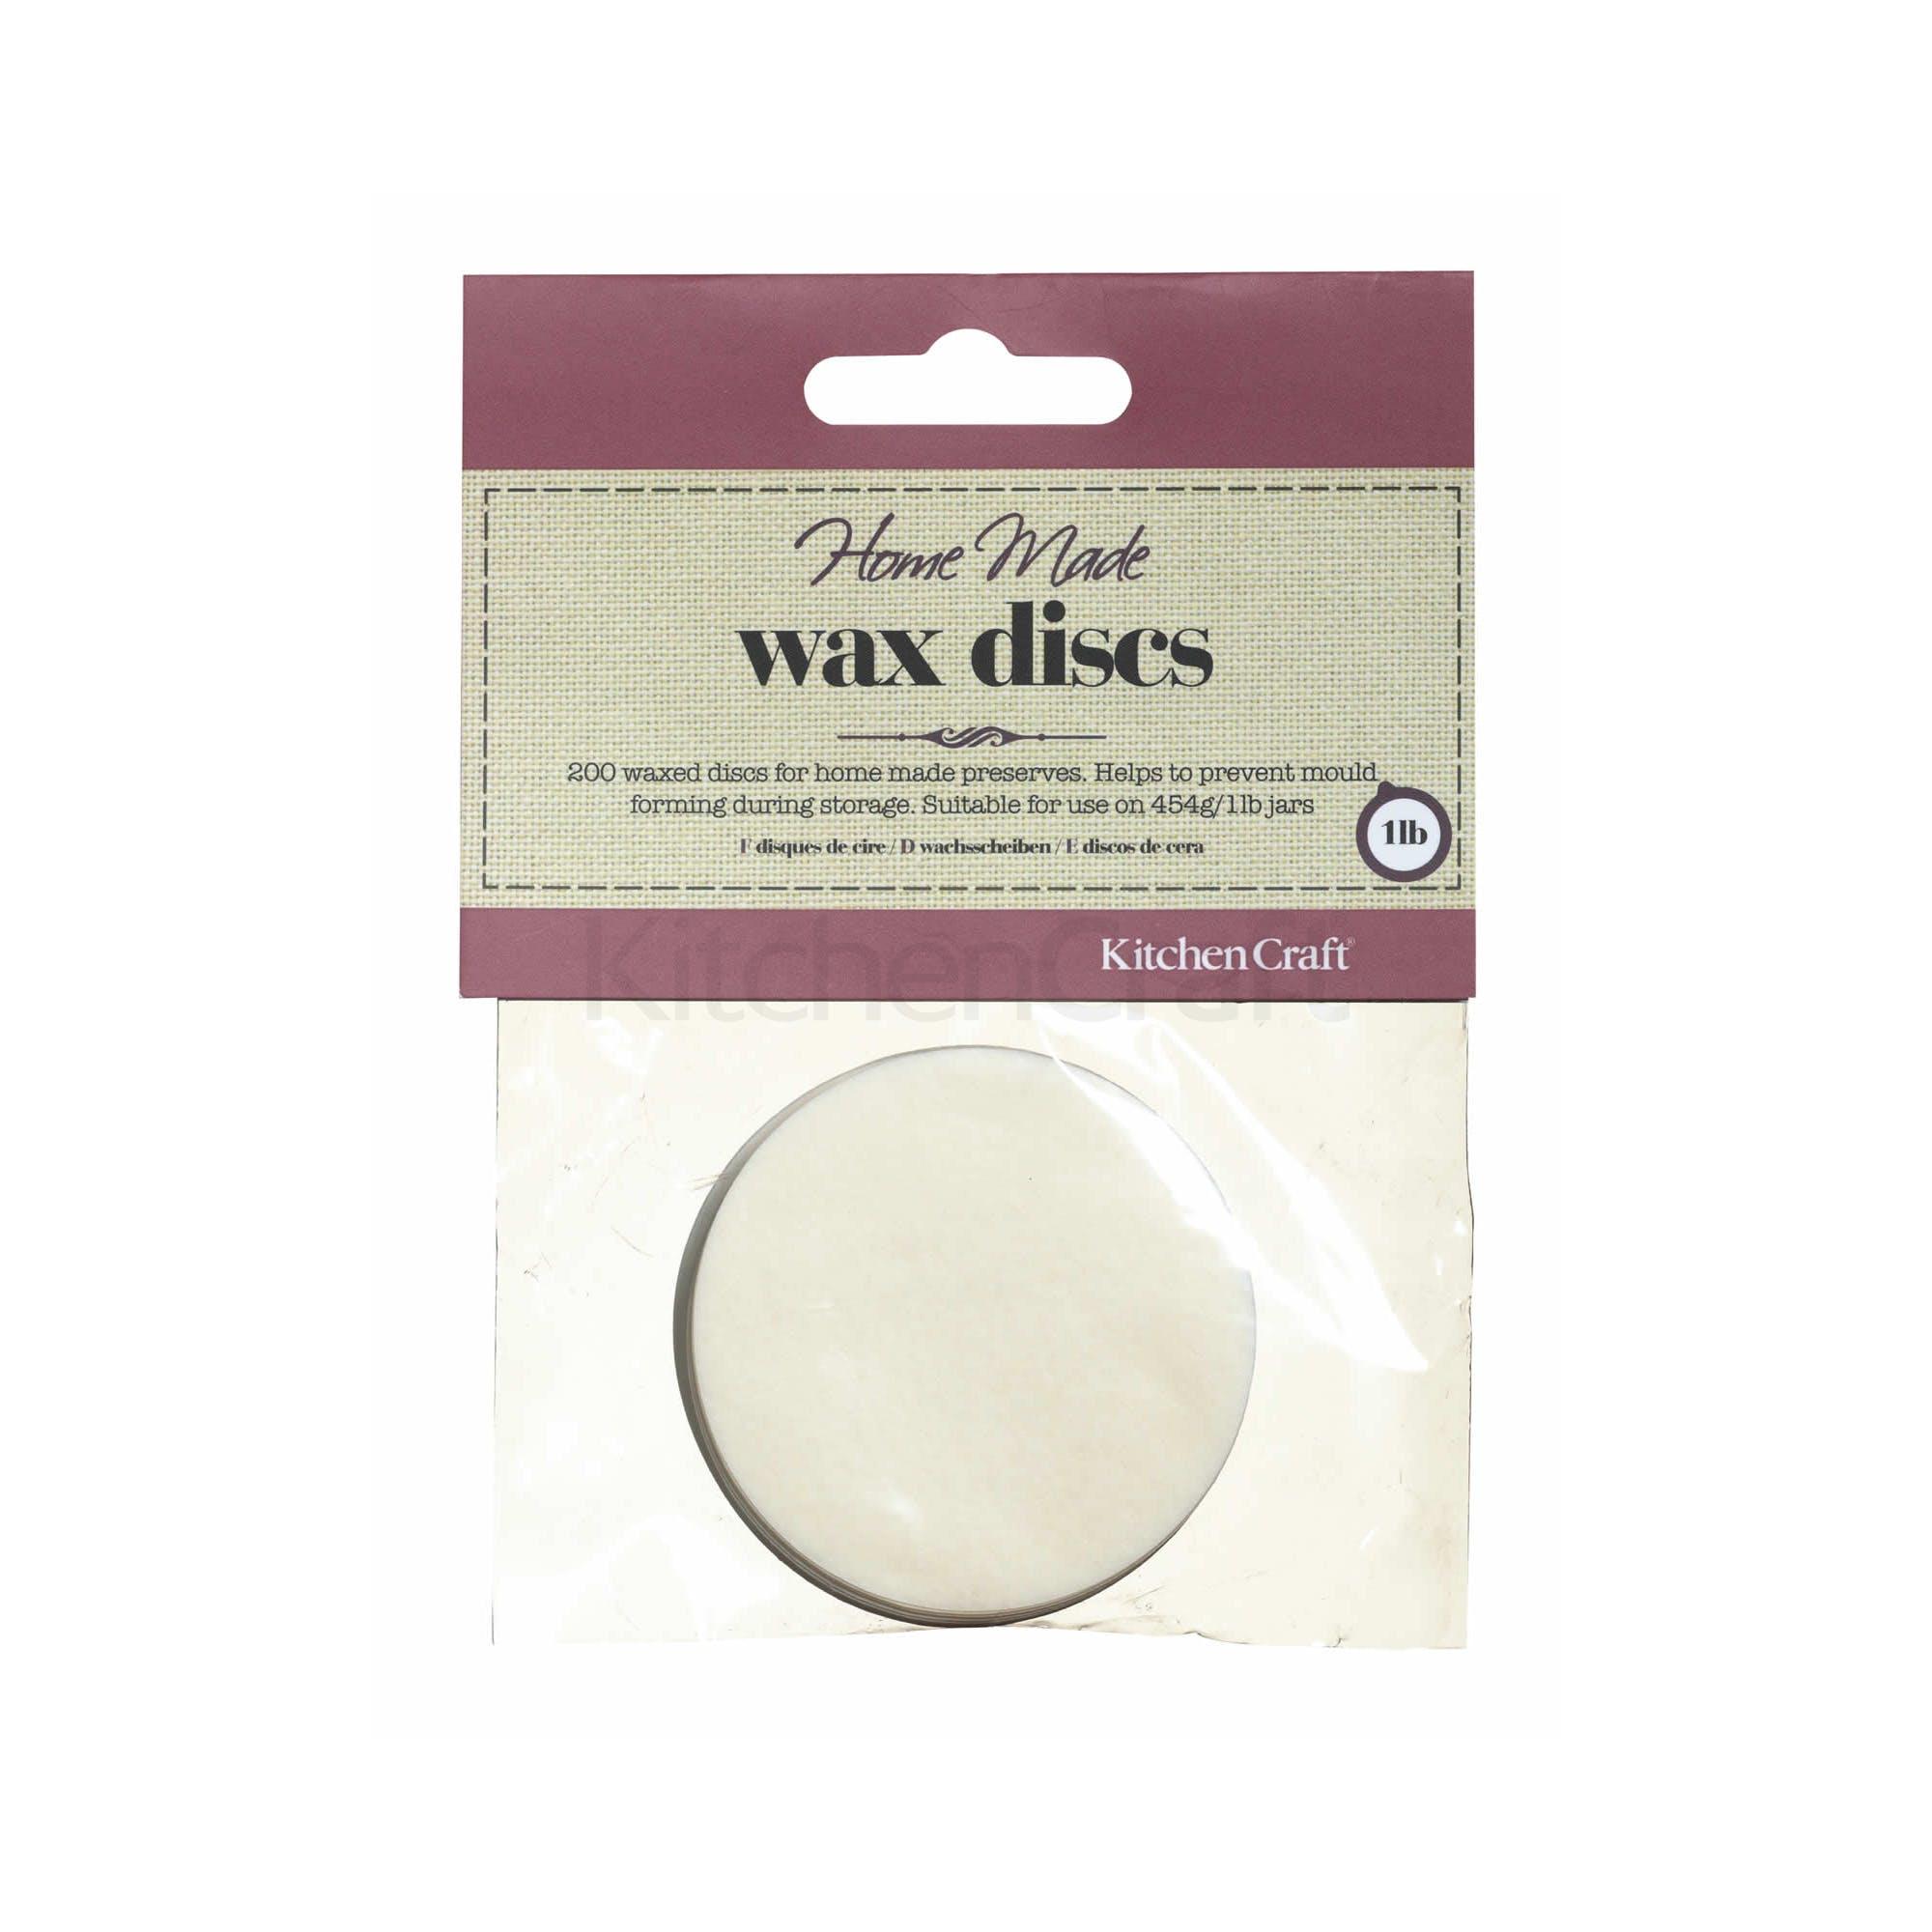 wax-discs-1lb